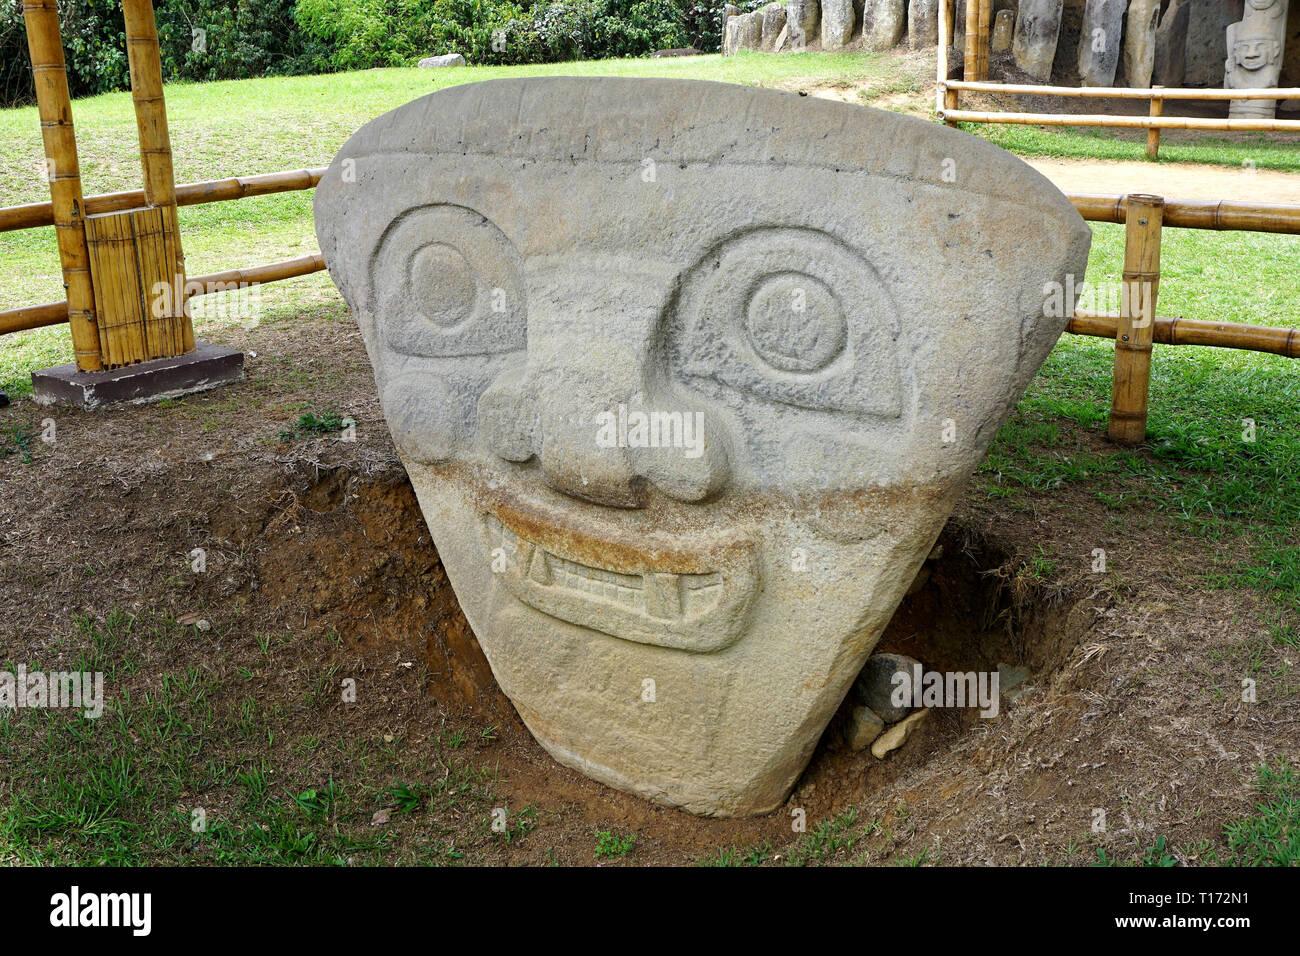 Kopf einer präkolumbianischen Statue im Archäologischen Park in San Agustin, San Agustin, Kolumbien Stockbild